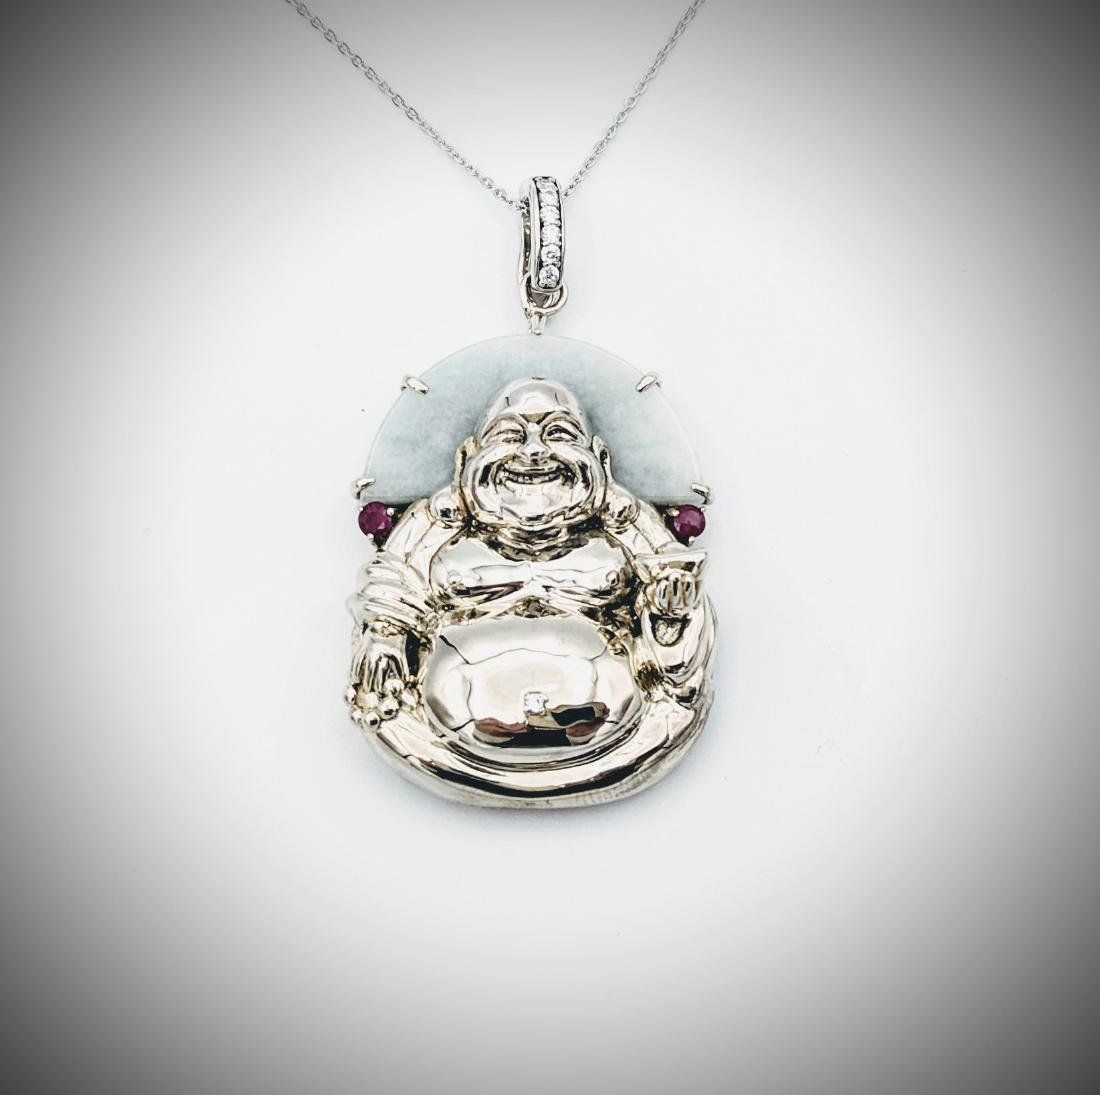 Necklace & Buddha Pendant w Jade, Raw Rubies & CZ